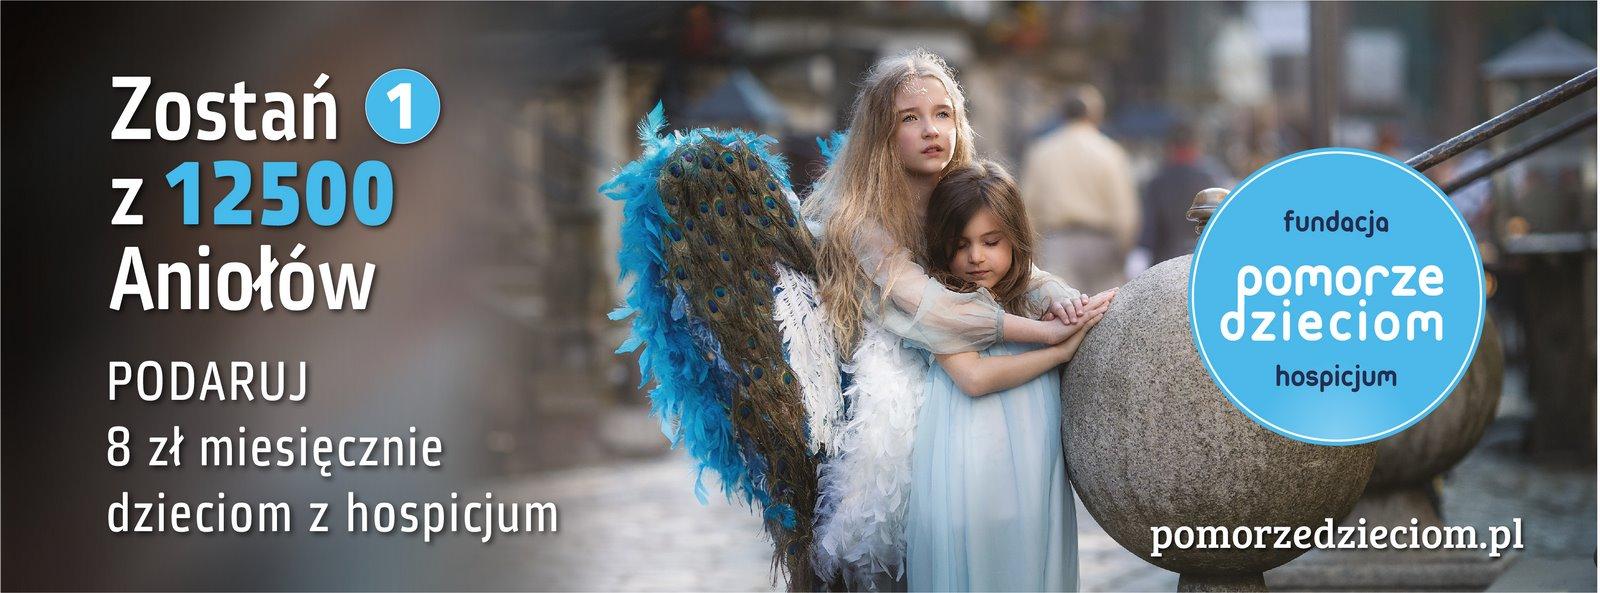 Zostań Aniołem